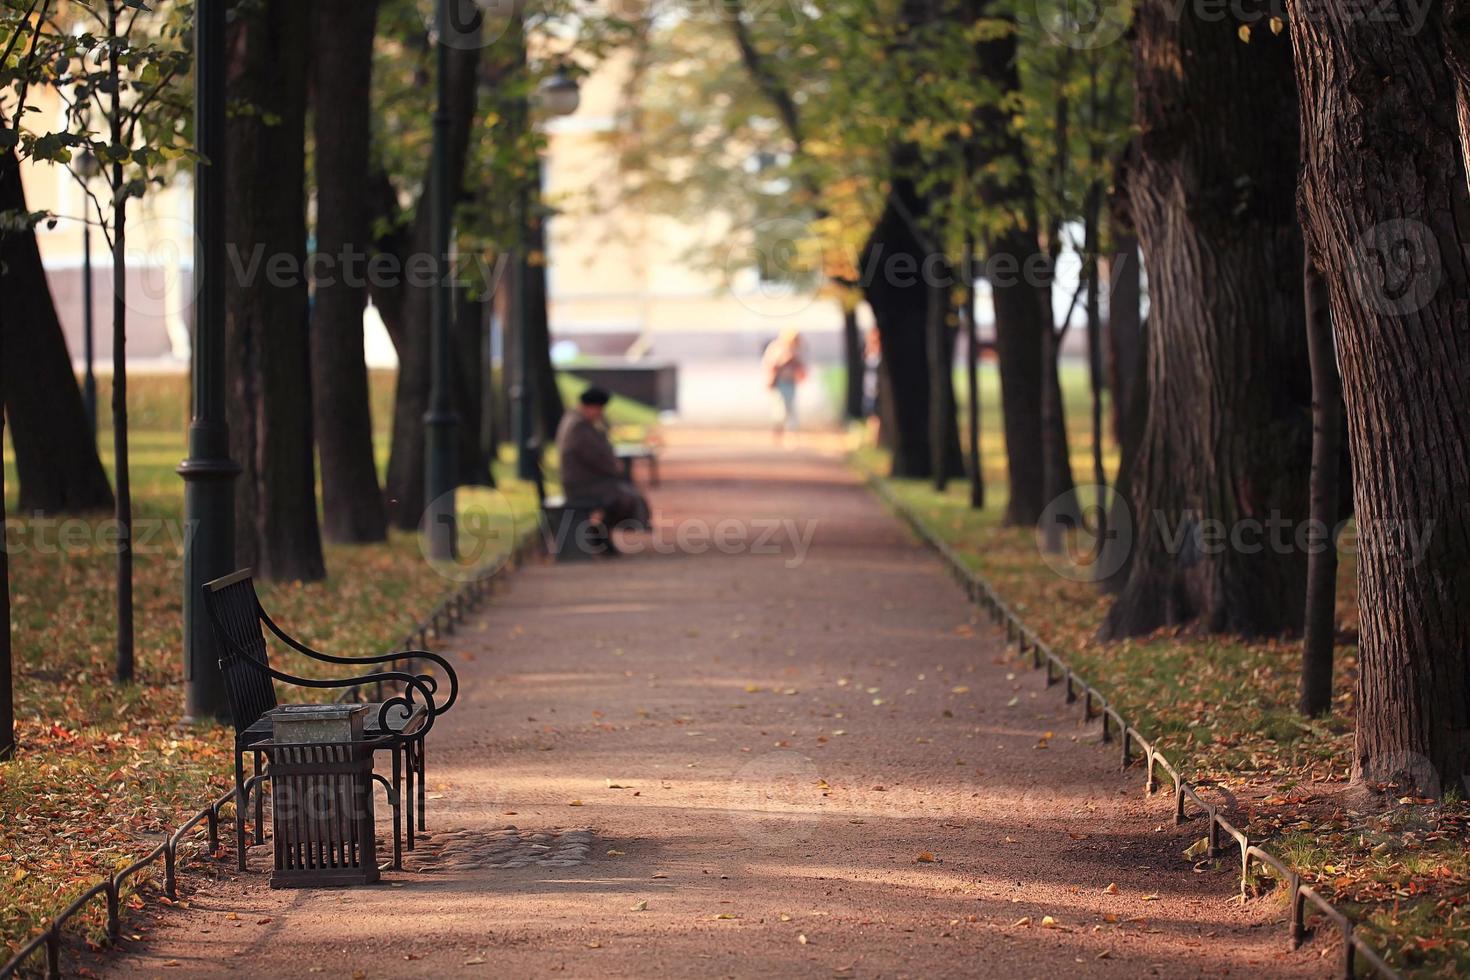 tuinbank in herfst parklandschap foto